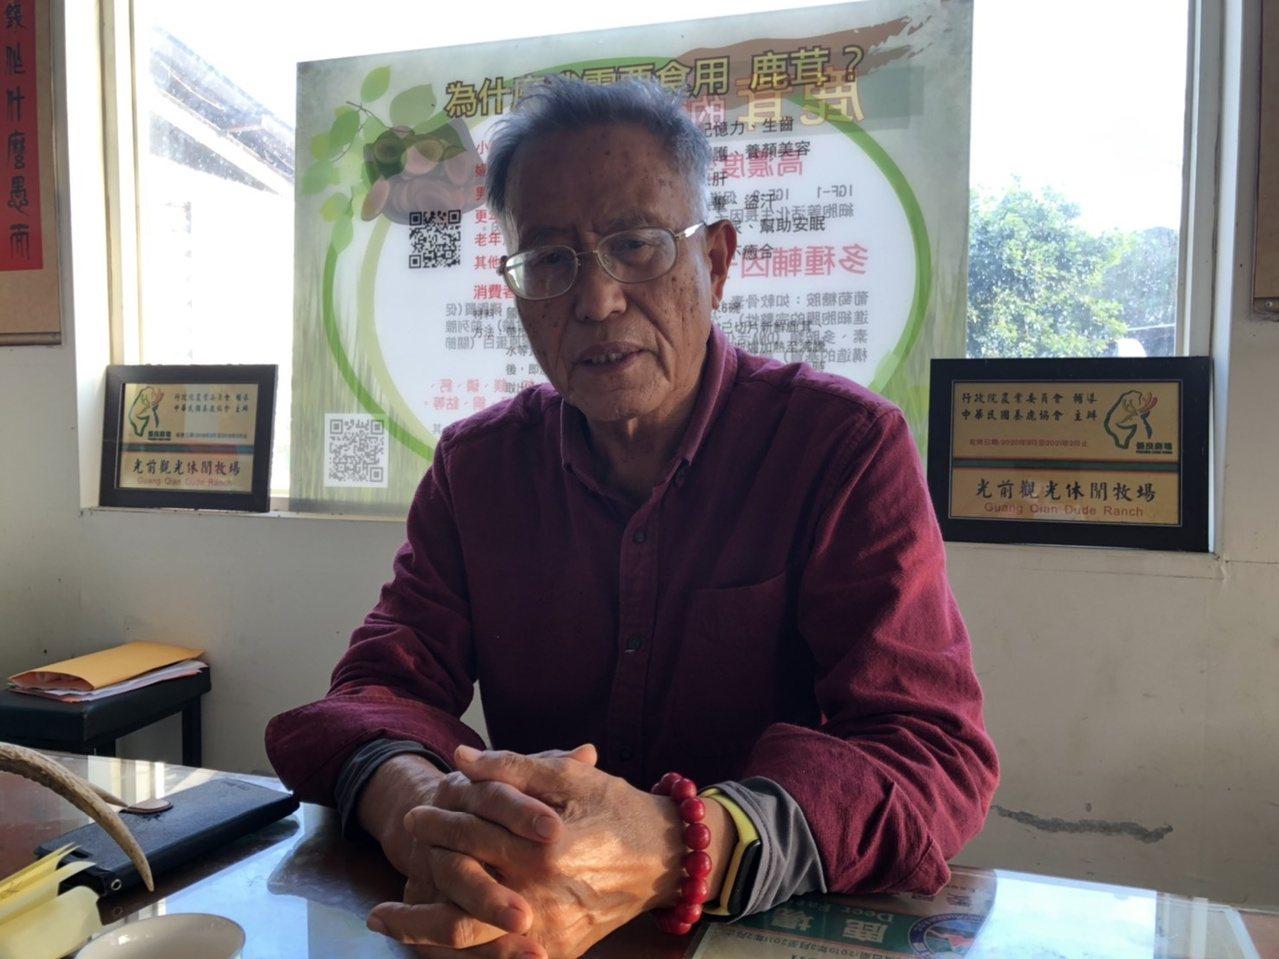 從事教育工作44年的李根樂,後來轉投入養鹿業,他所經營「光前休閒觀光鹿場」是金門...